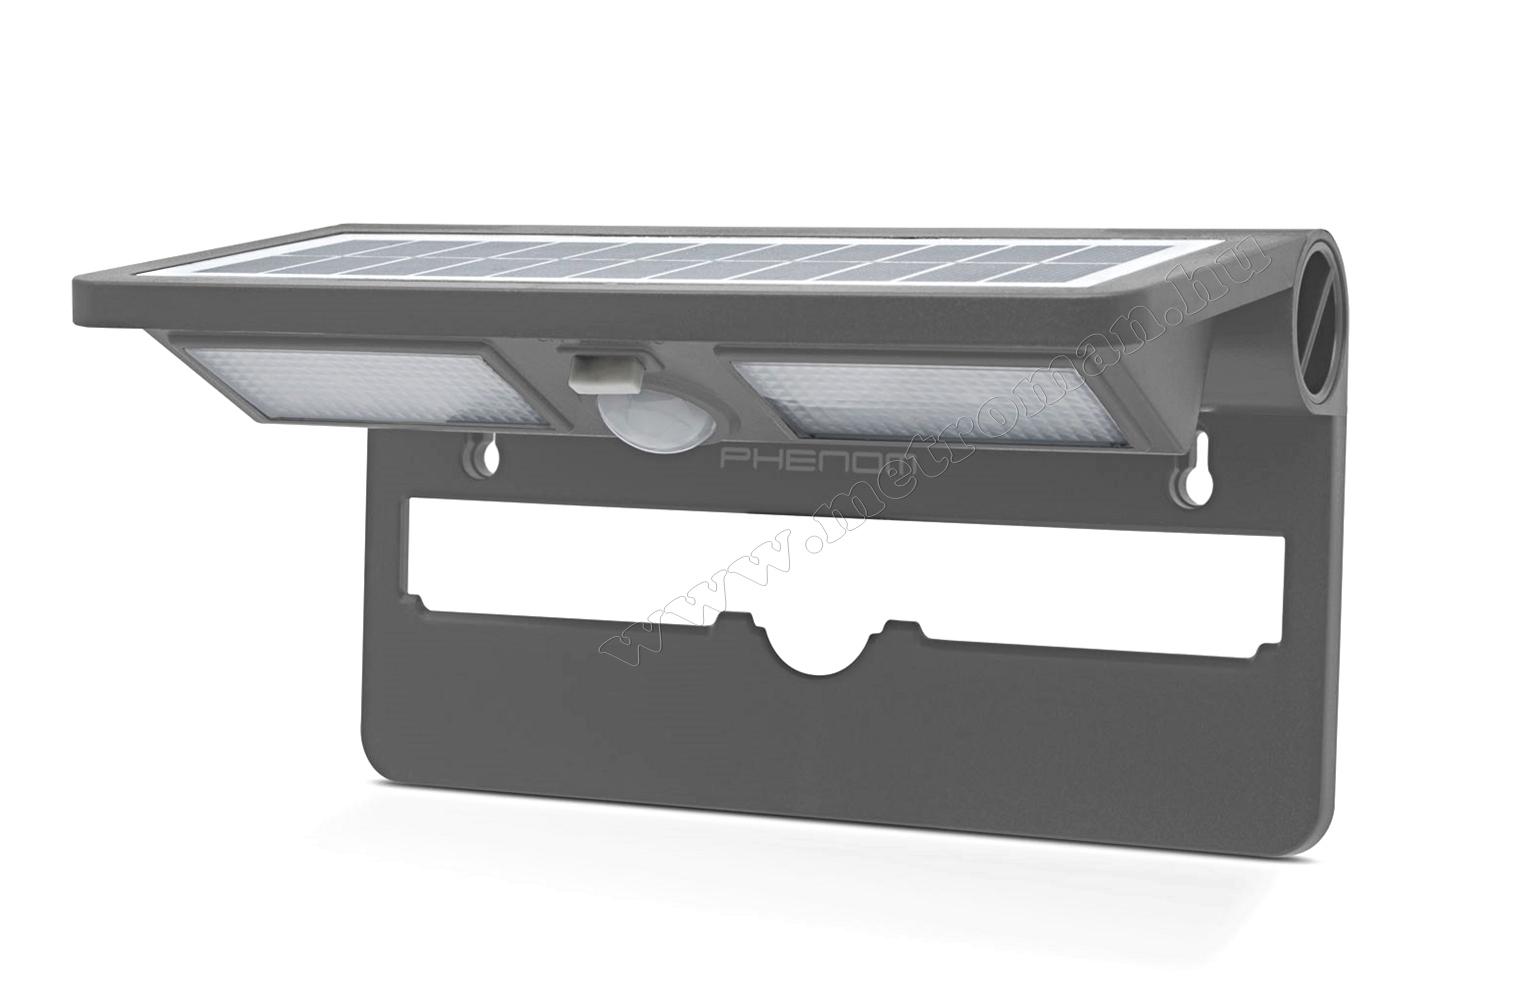 Kültéri napelemes LED reflektor M270GY